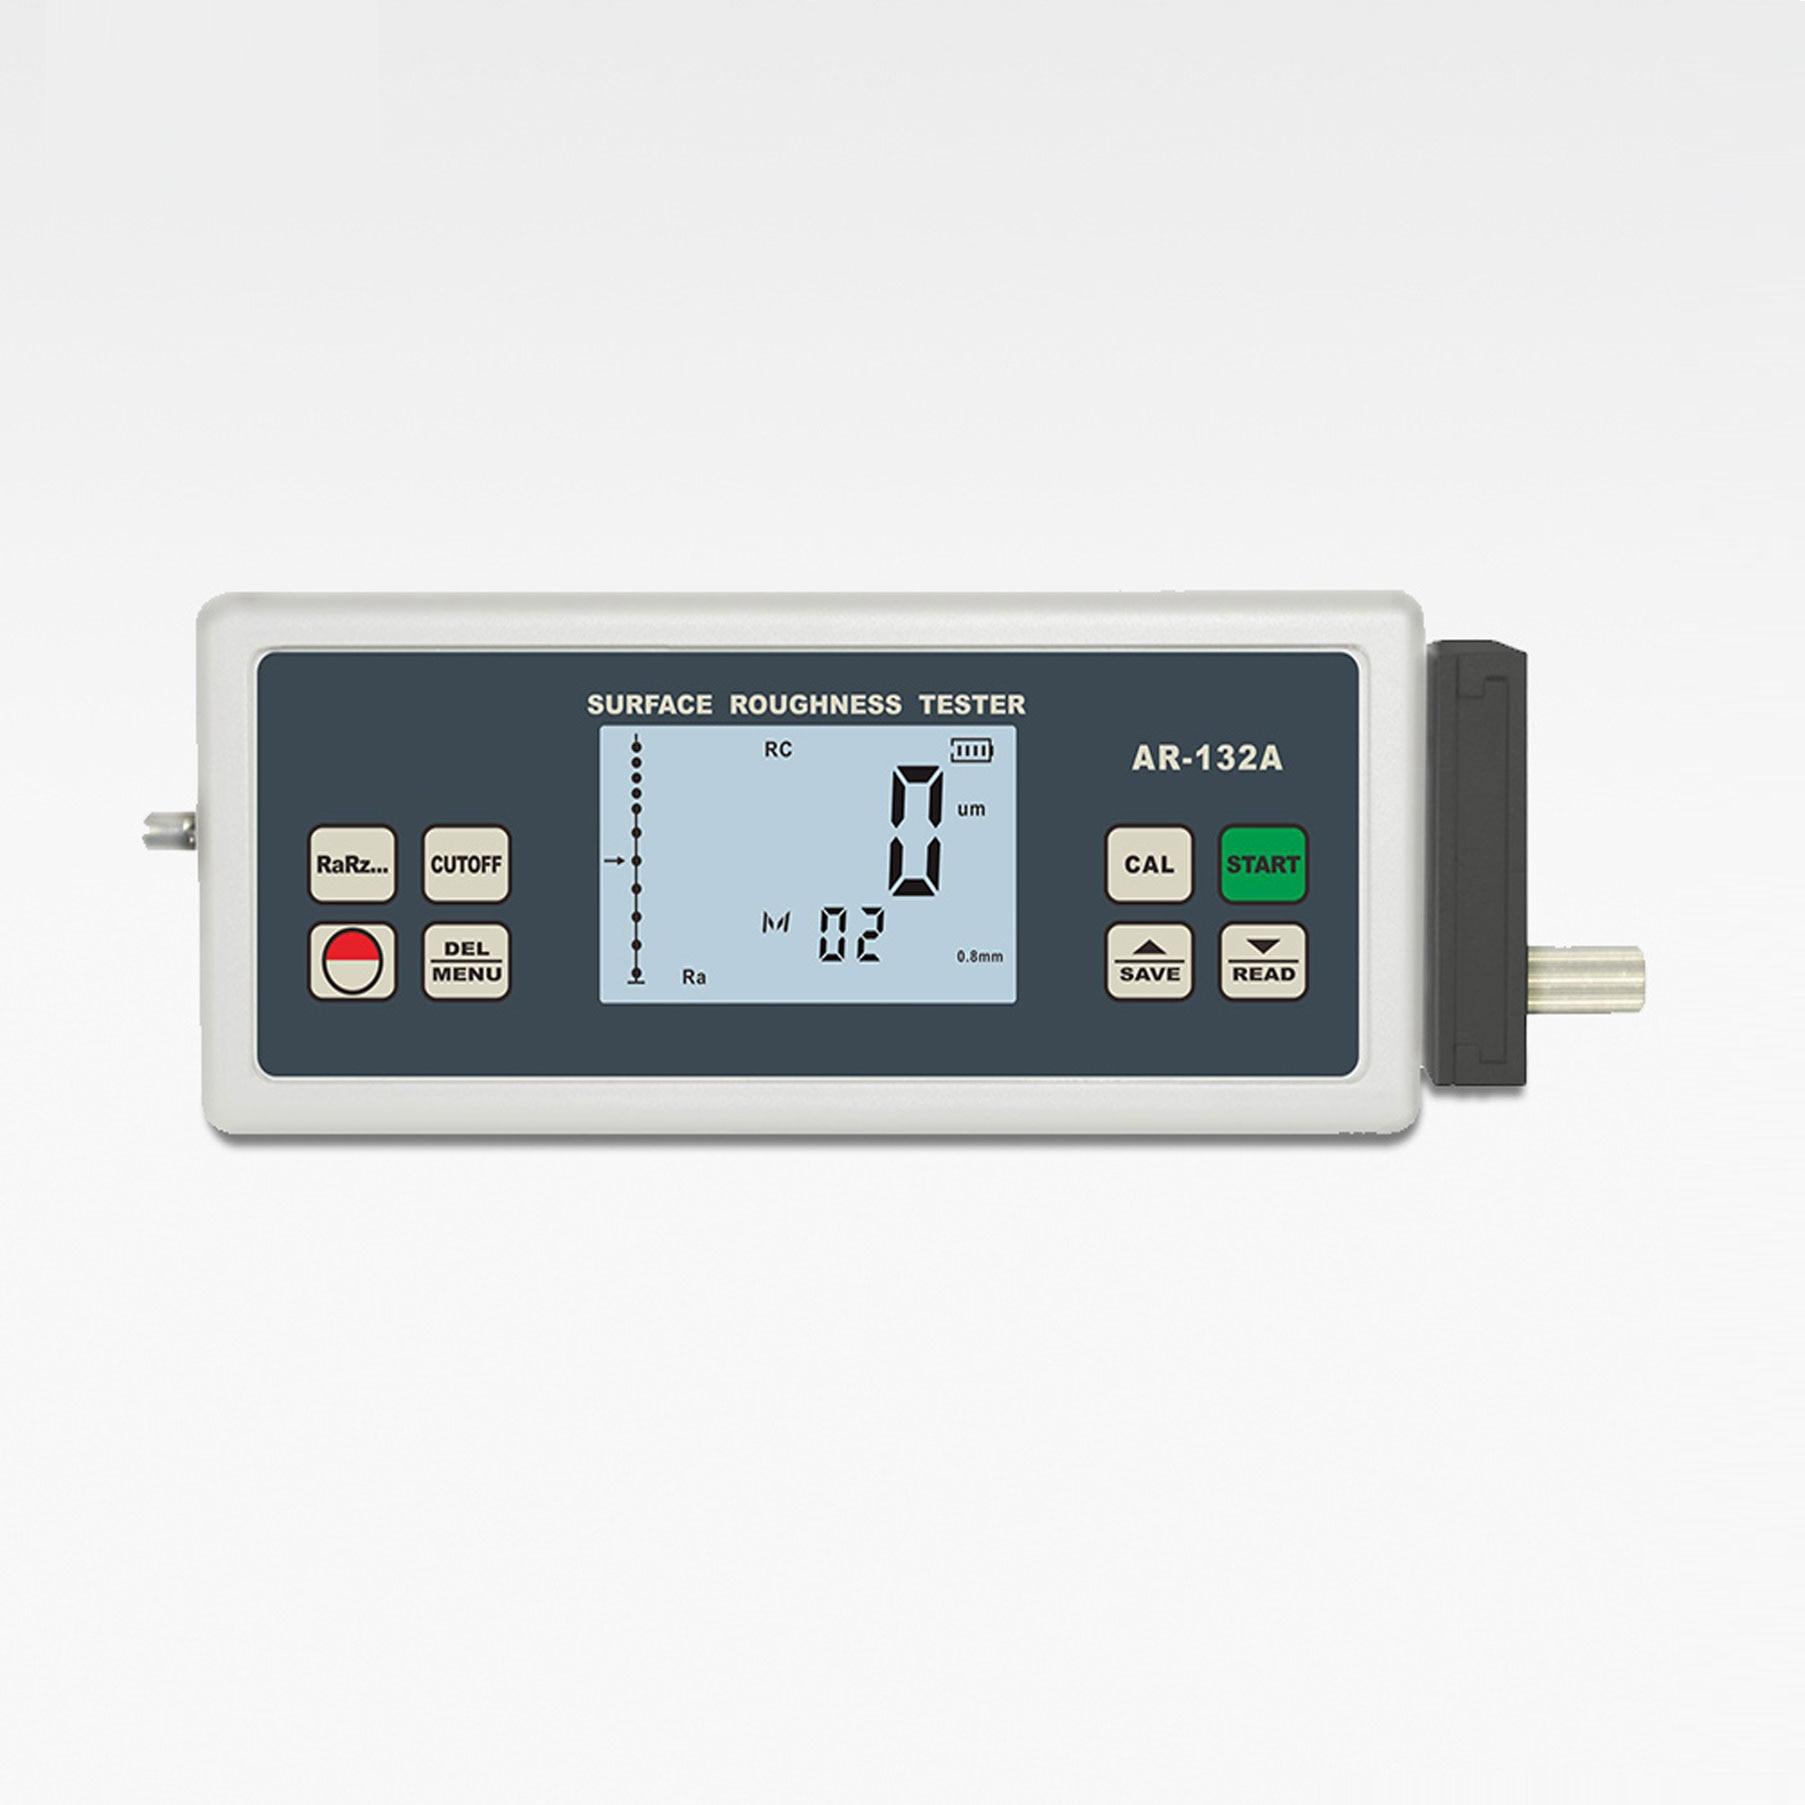 الرقمية AR-132A أداة قياس خشونة الأسطح ، را ، Rz ، Rq ، Rt أدوات قياس خشونة متر متطورة للغاية